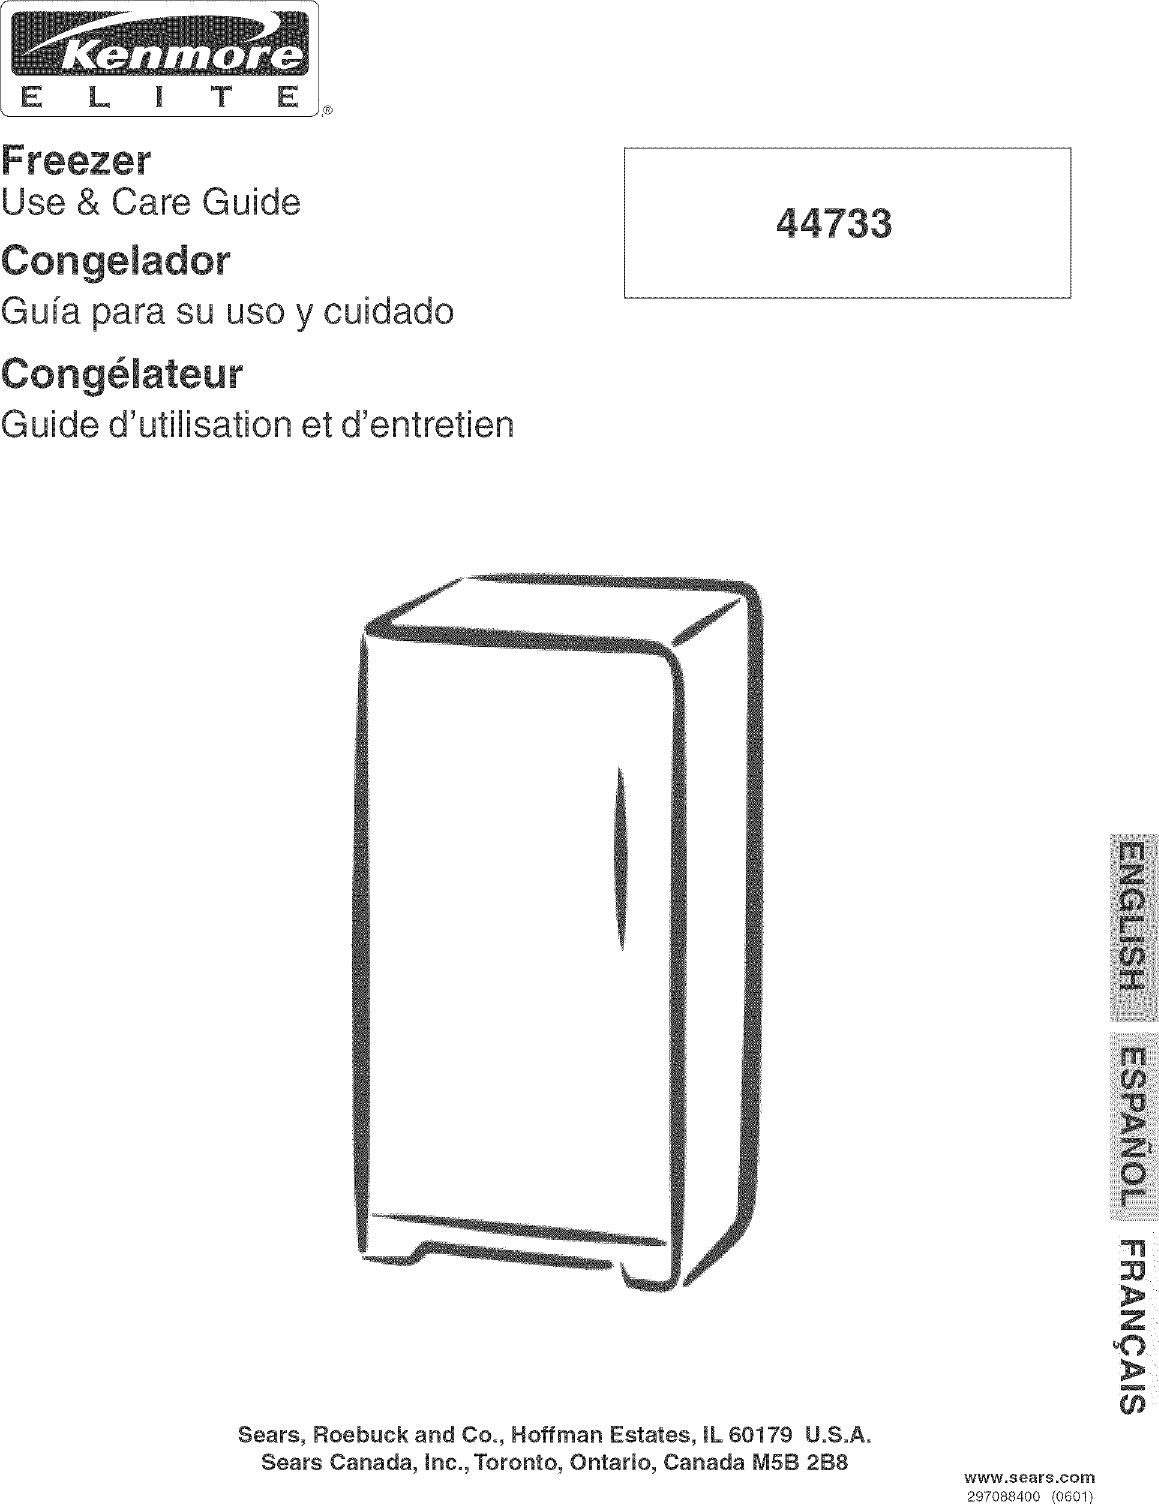 kenmore freezer model c675 manual